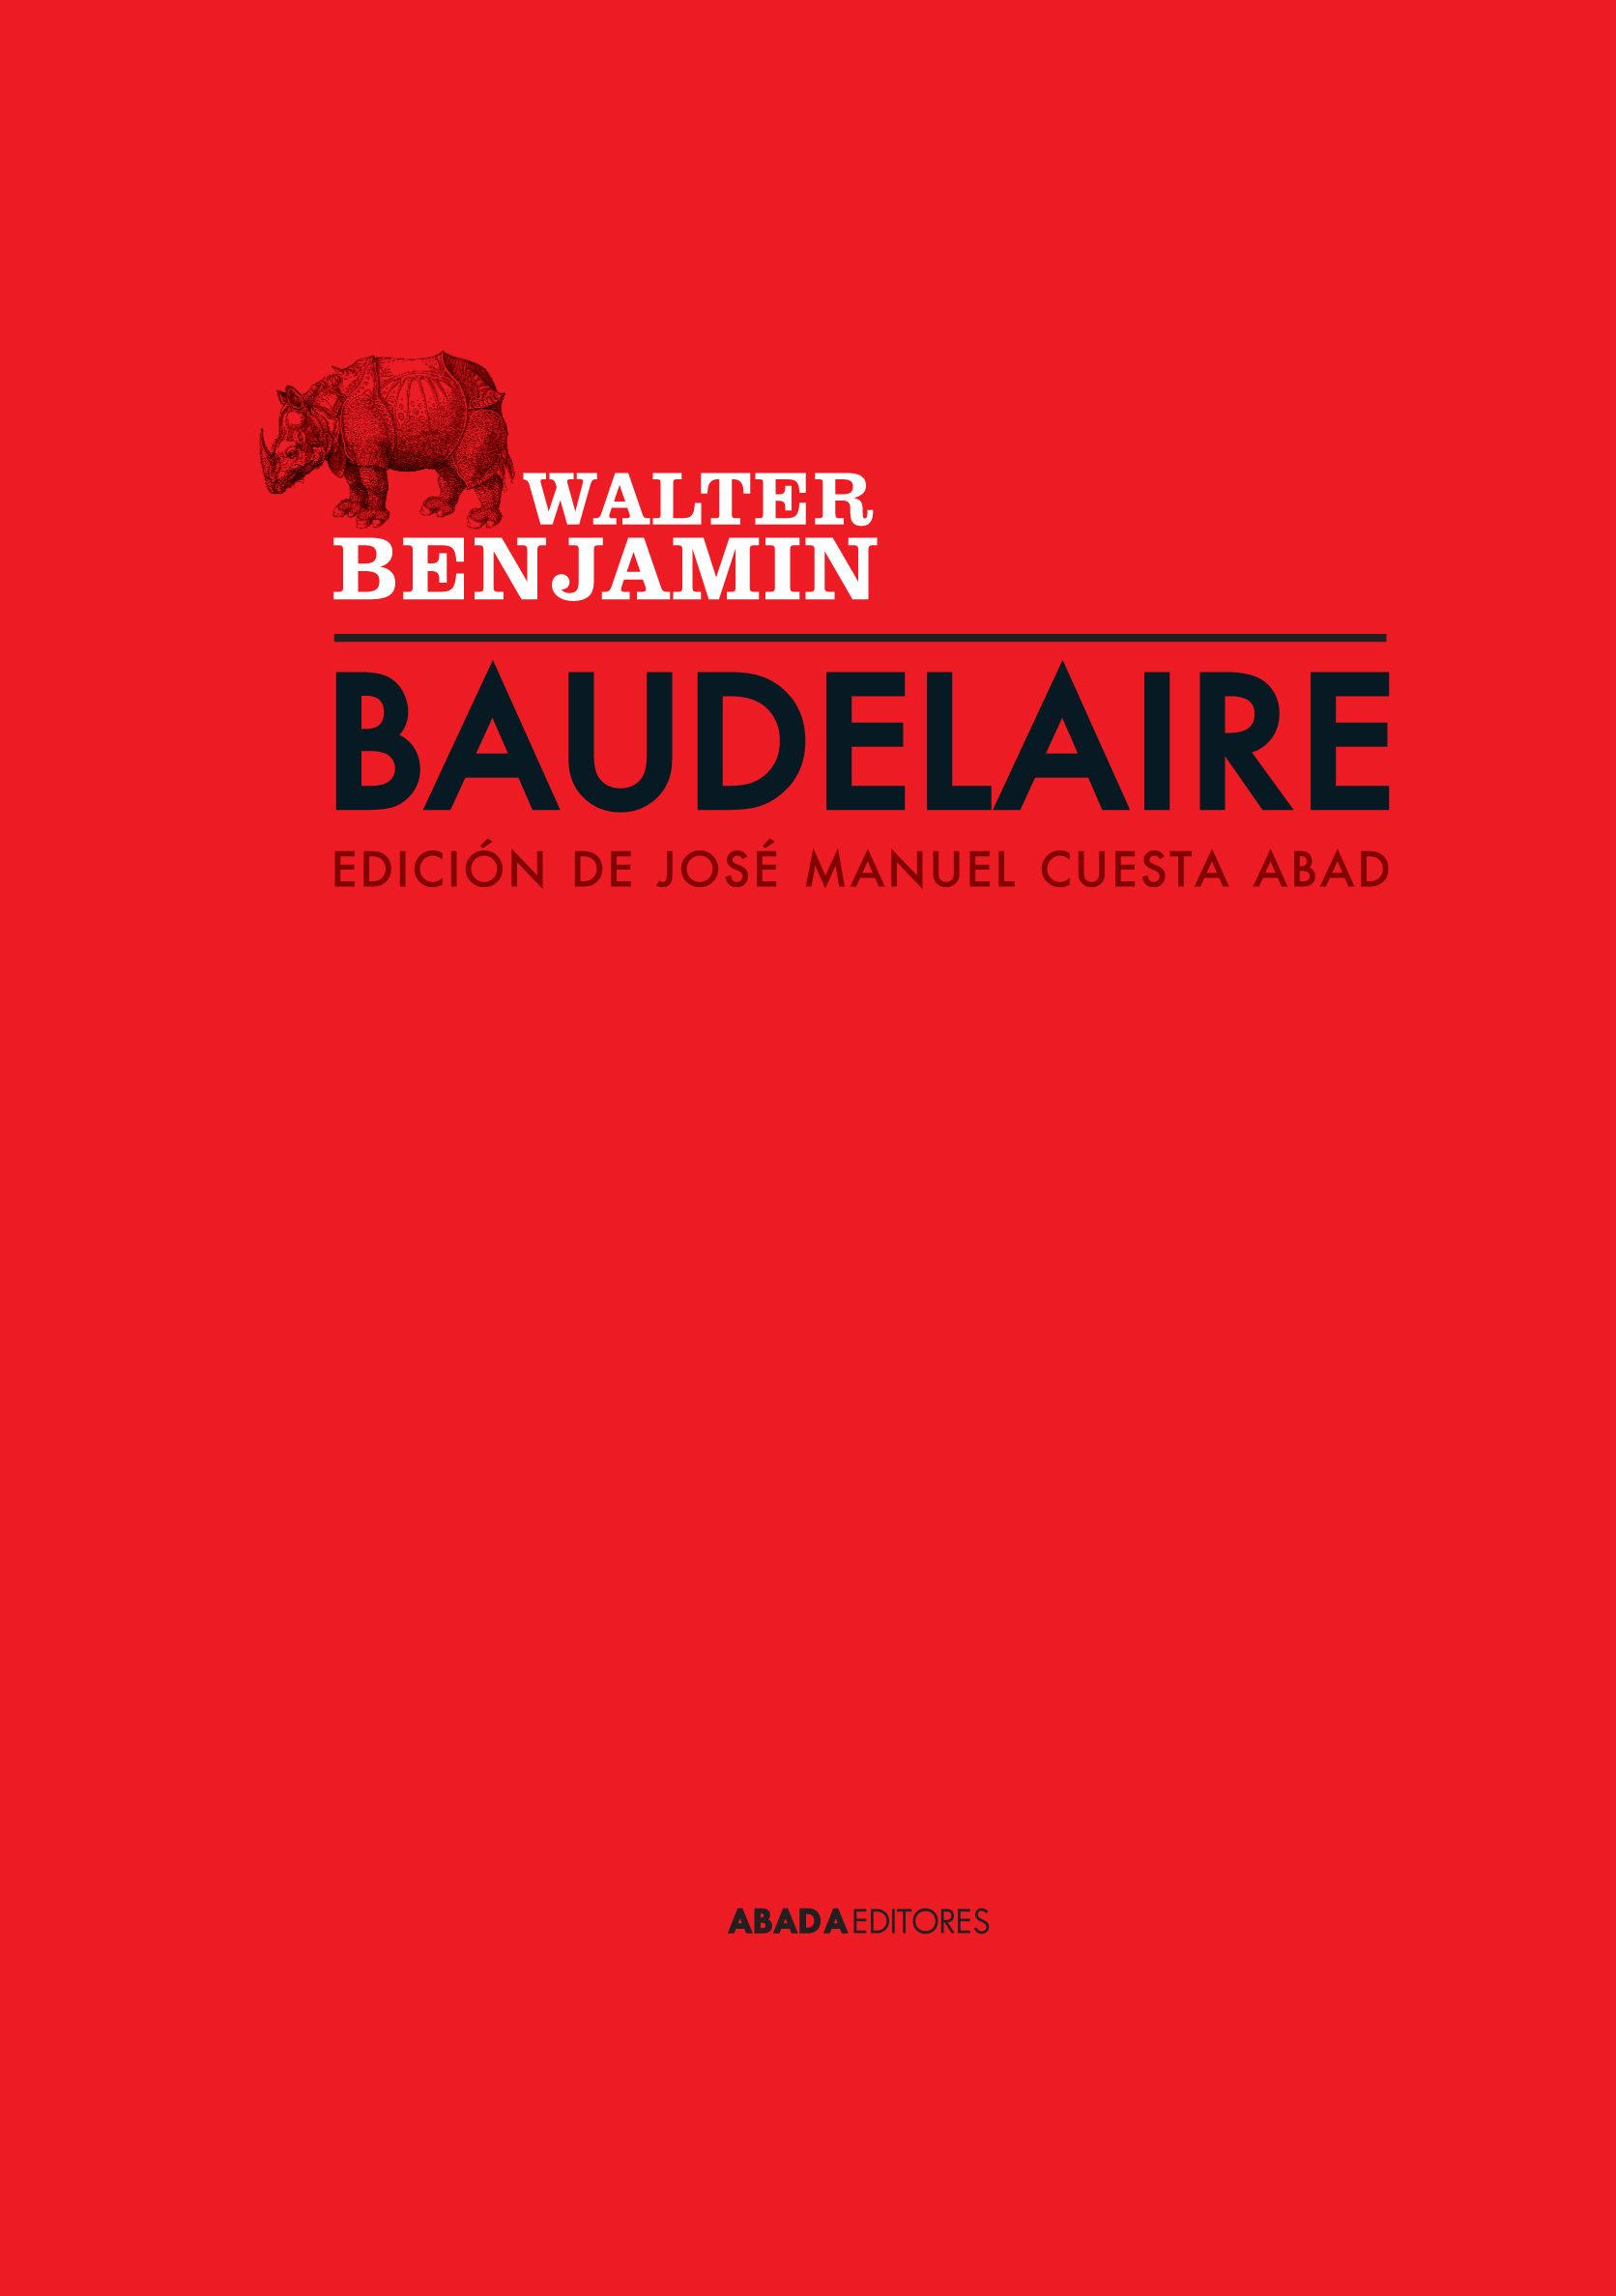 Baudelaire por Walter Benjamin